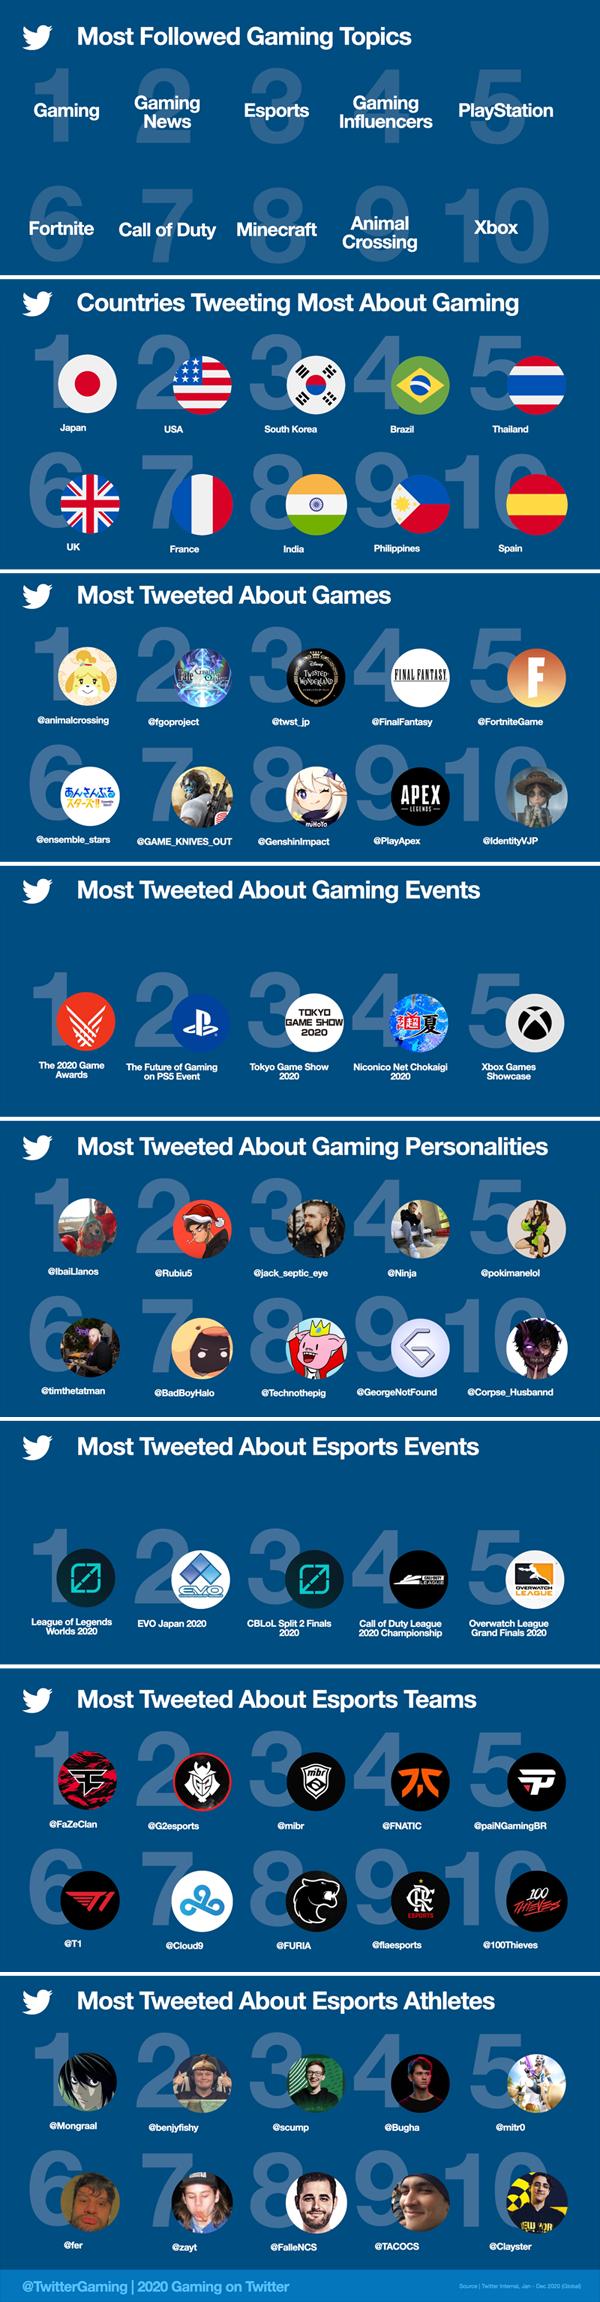 Năm 2020 game thủ đăng hơn 2 tỷ lượt tweet